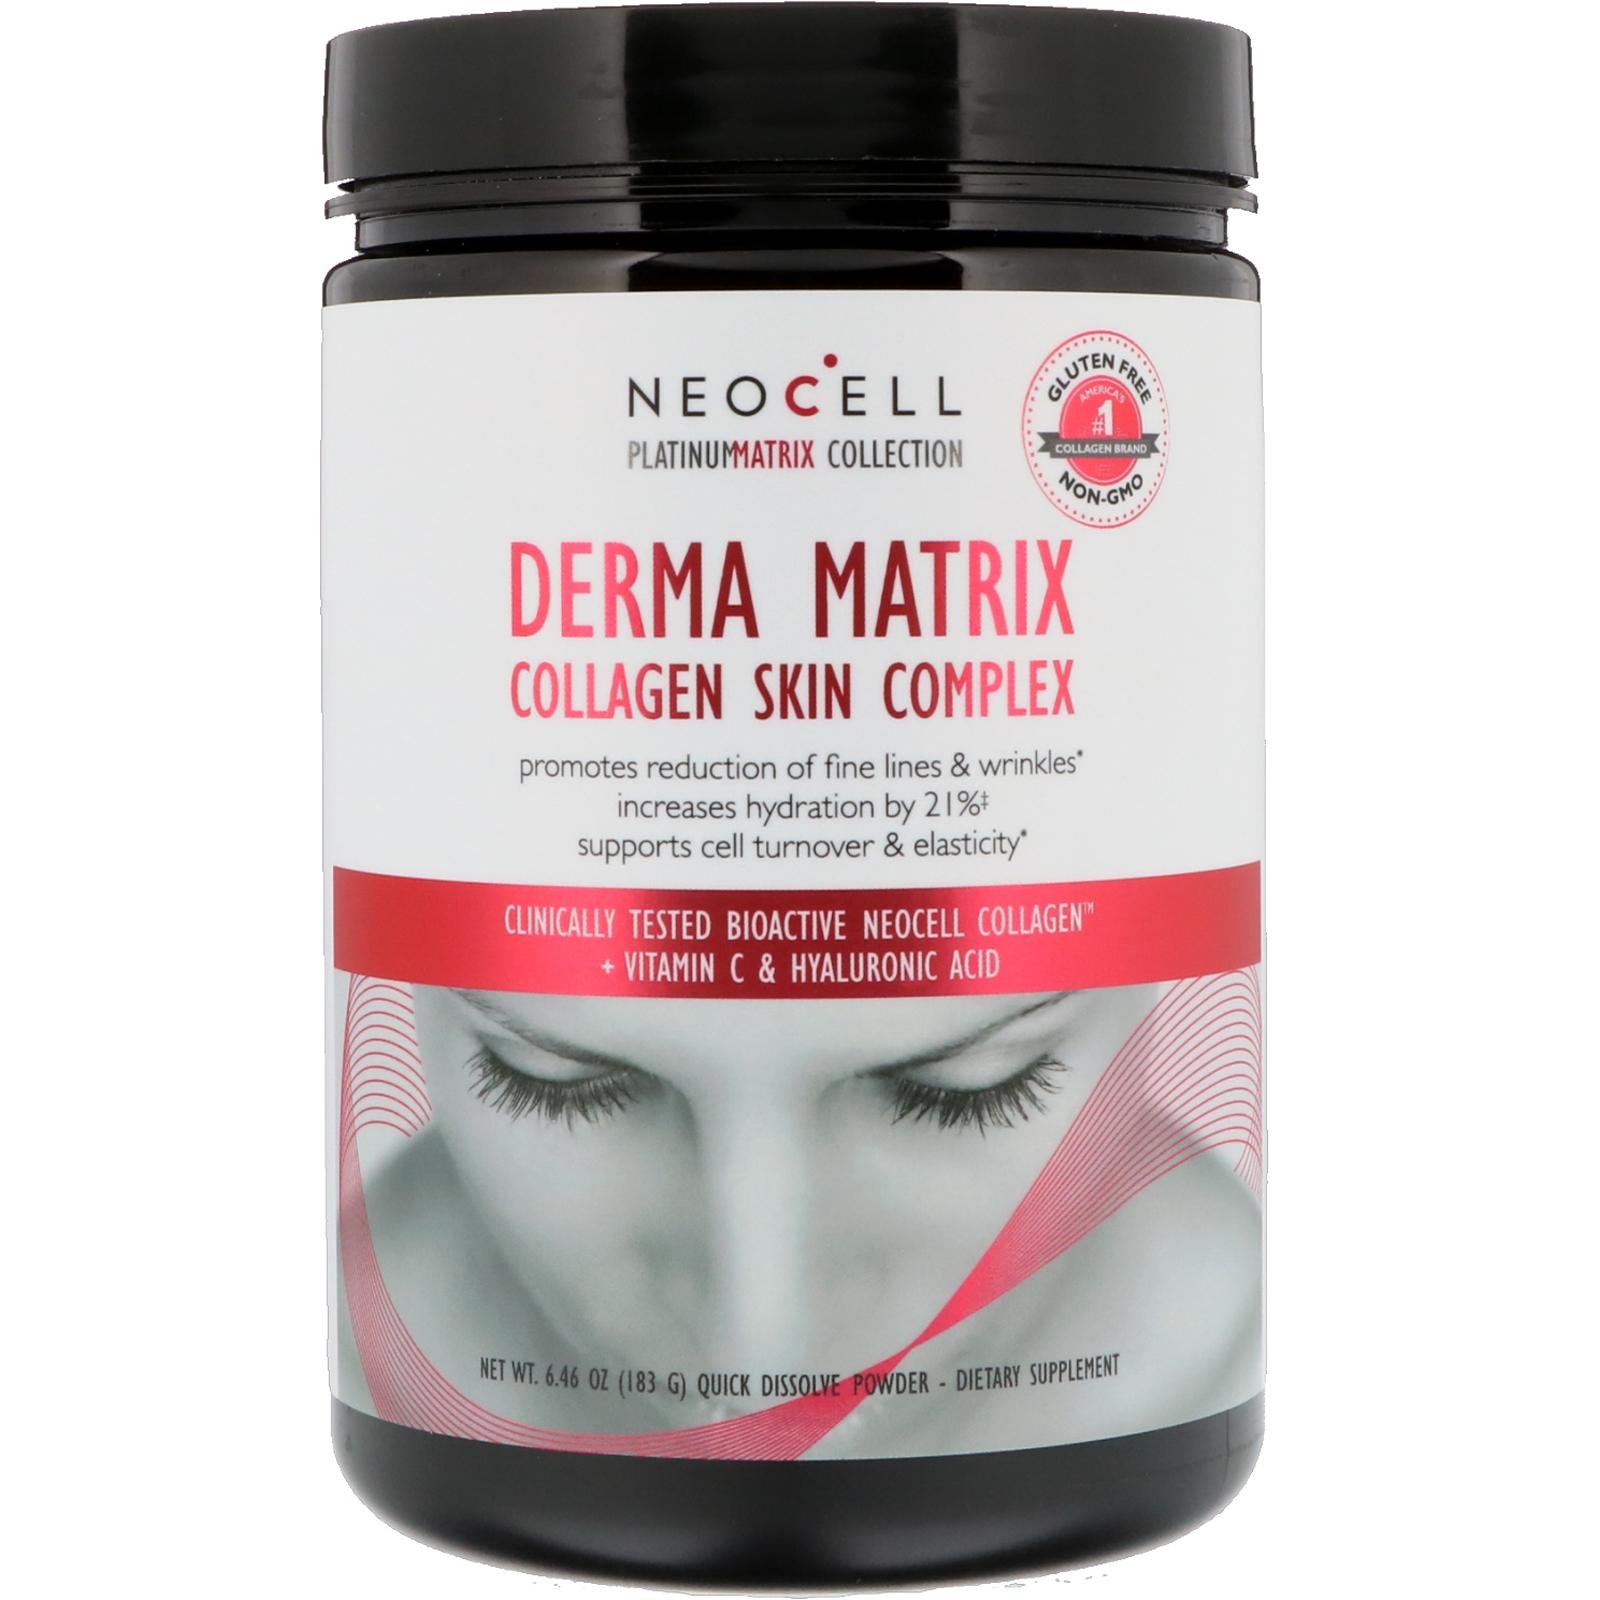 Neocell, Derma Matrix, Collagen Skin Complex, 6 46 oz (183 g